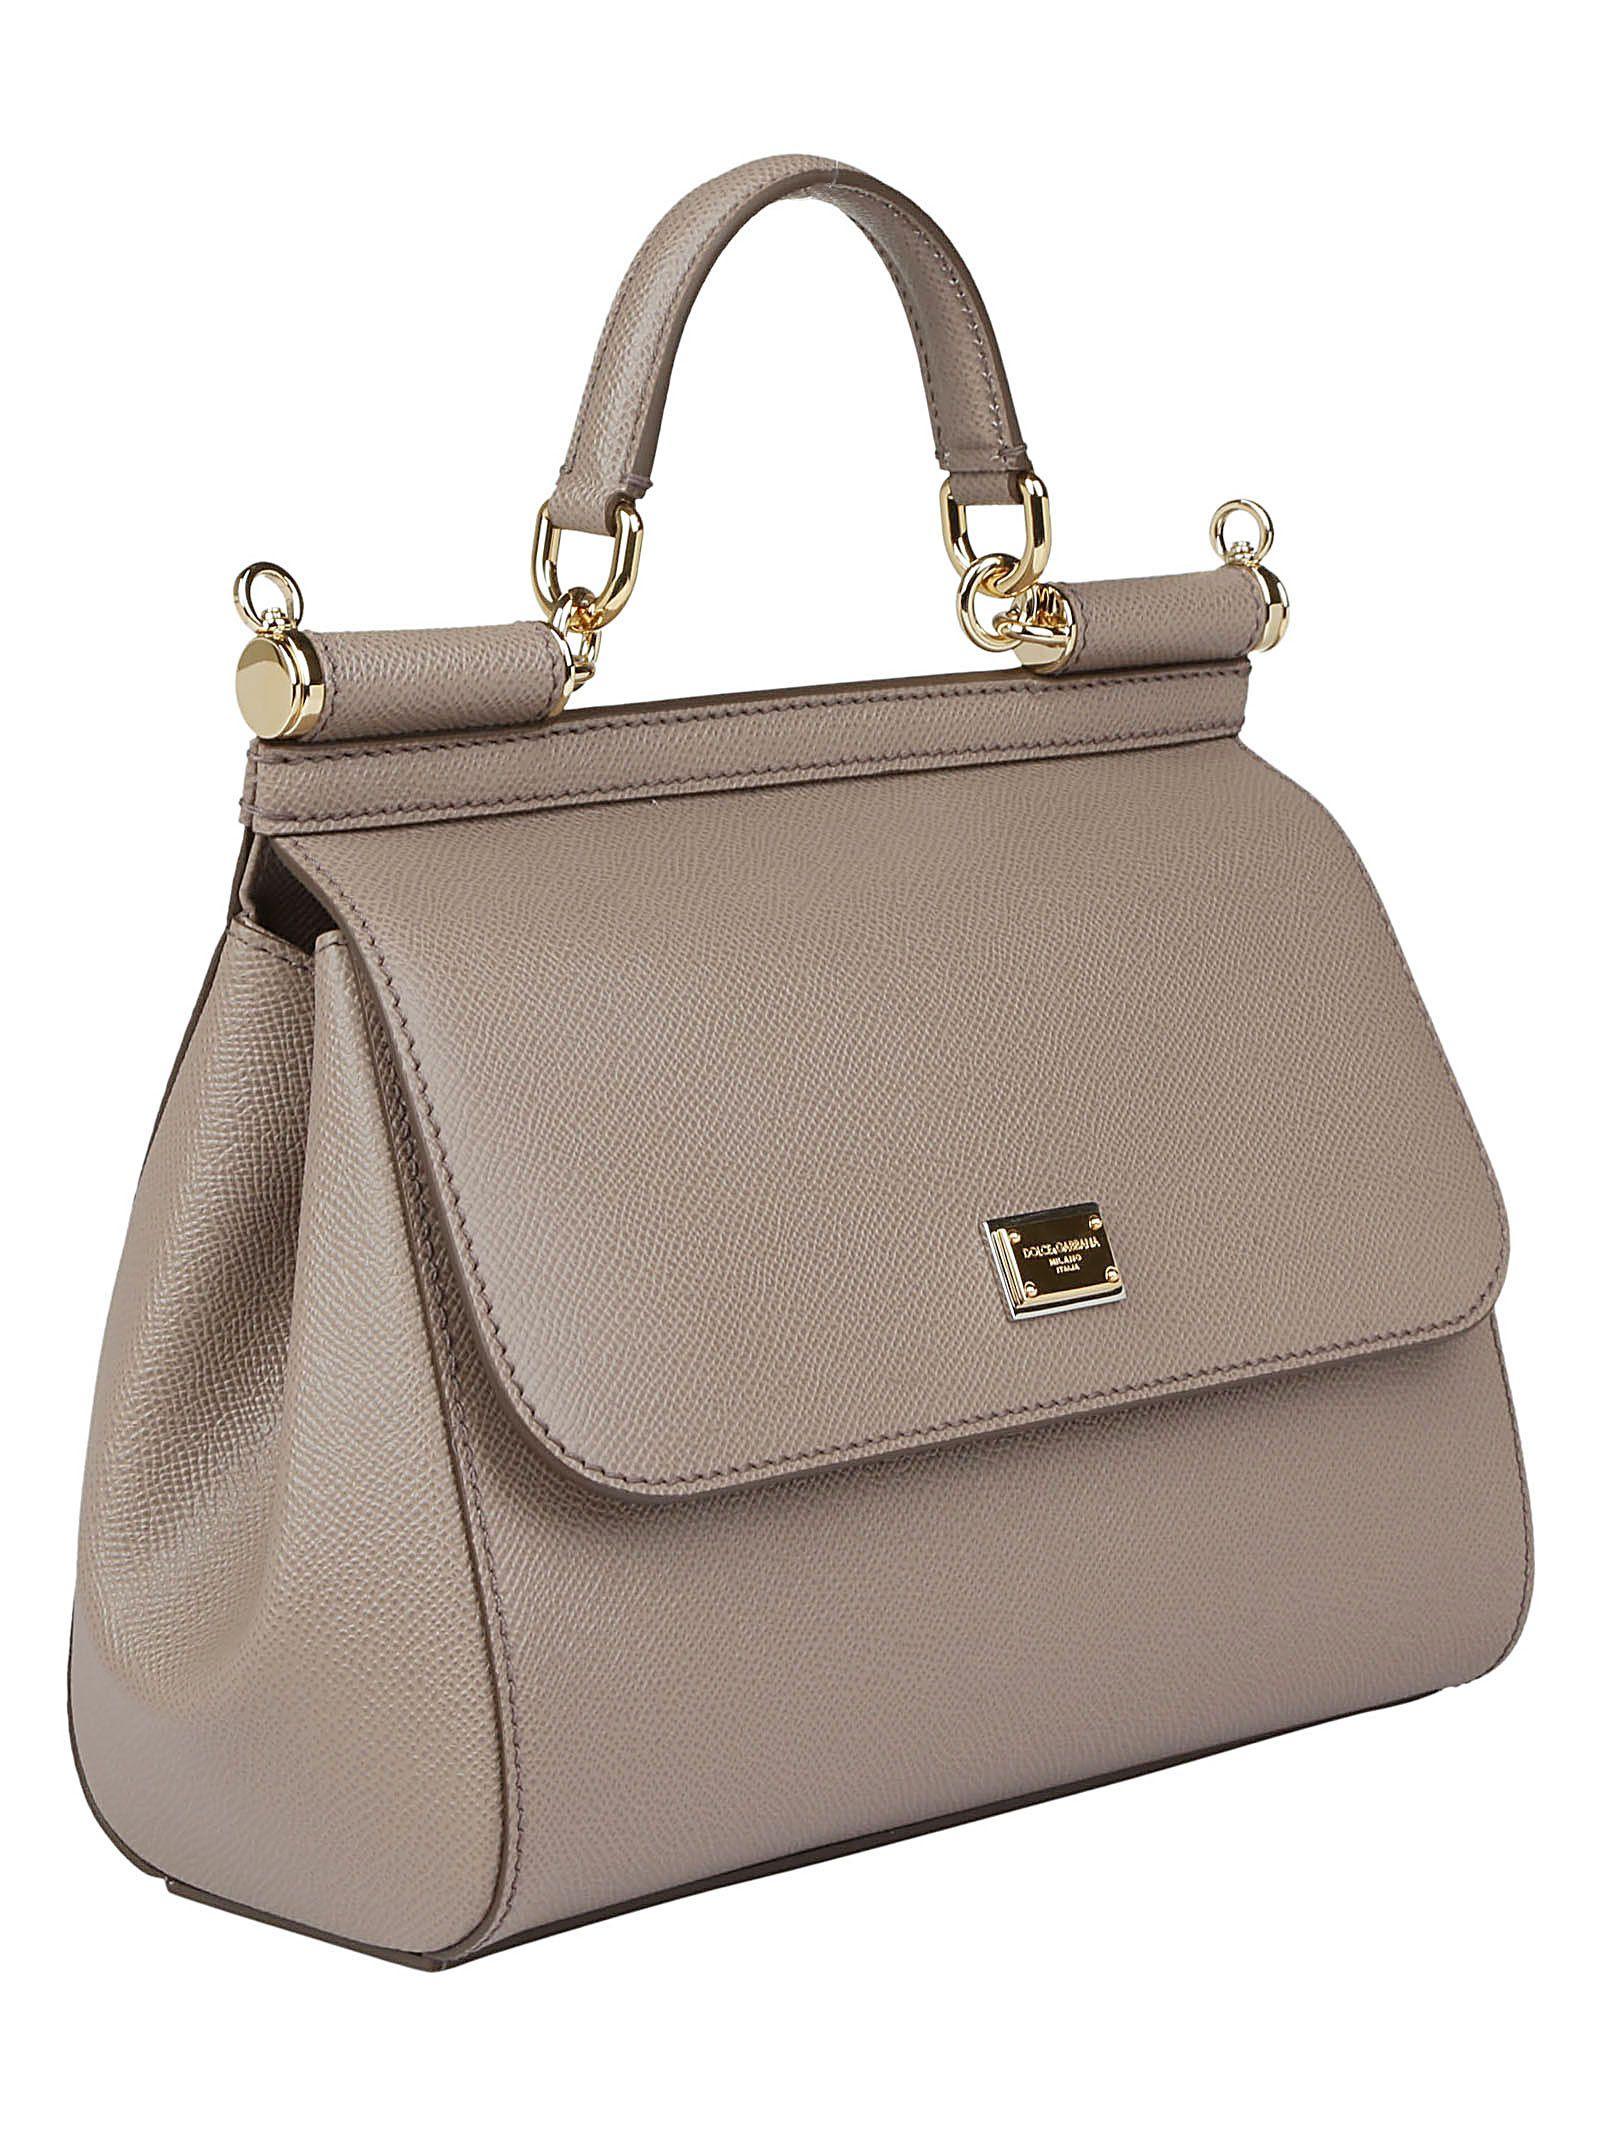 Dolce   Gabbana Dolce gabbana Sicily Handbag - Fango chiaro ... a496df4d078a5